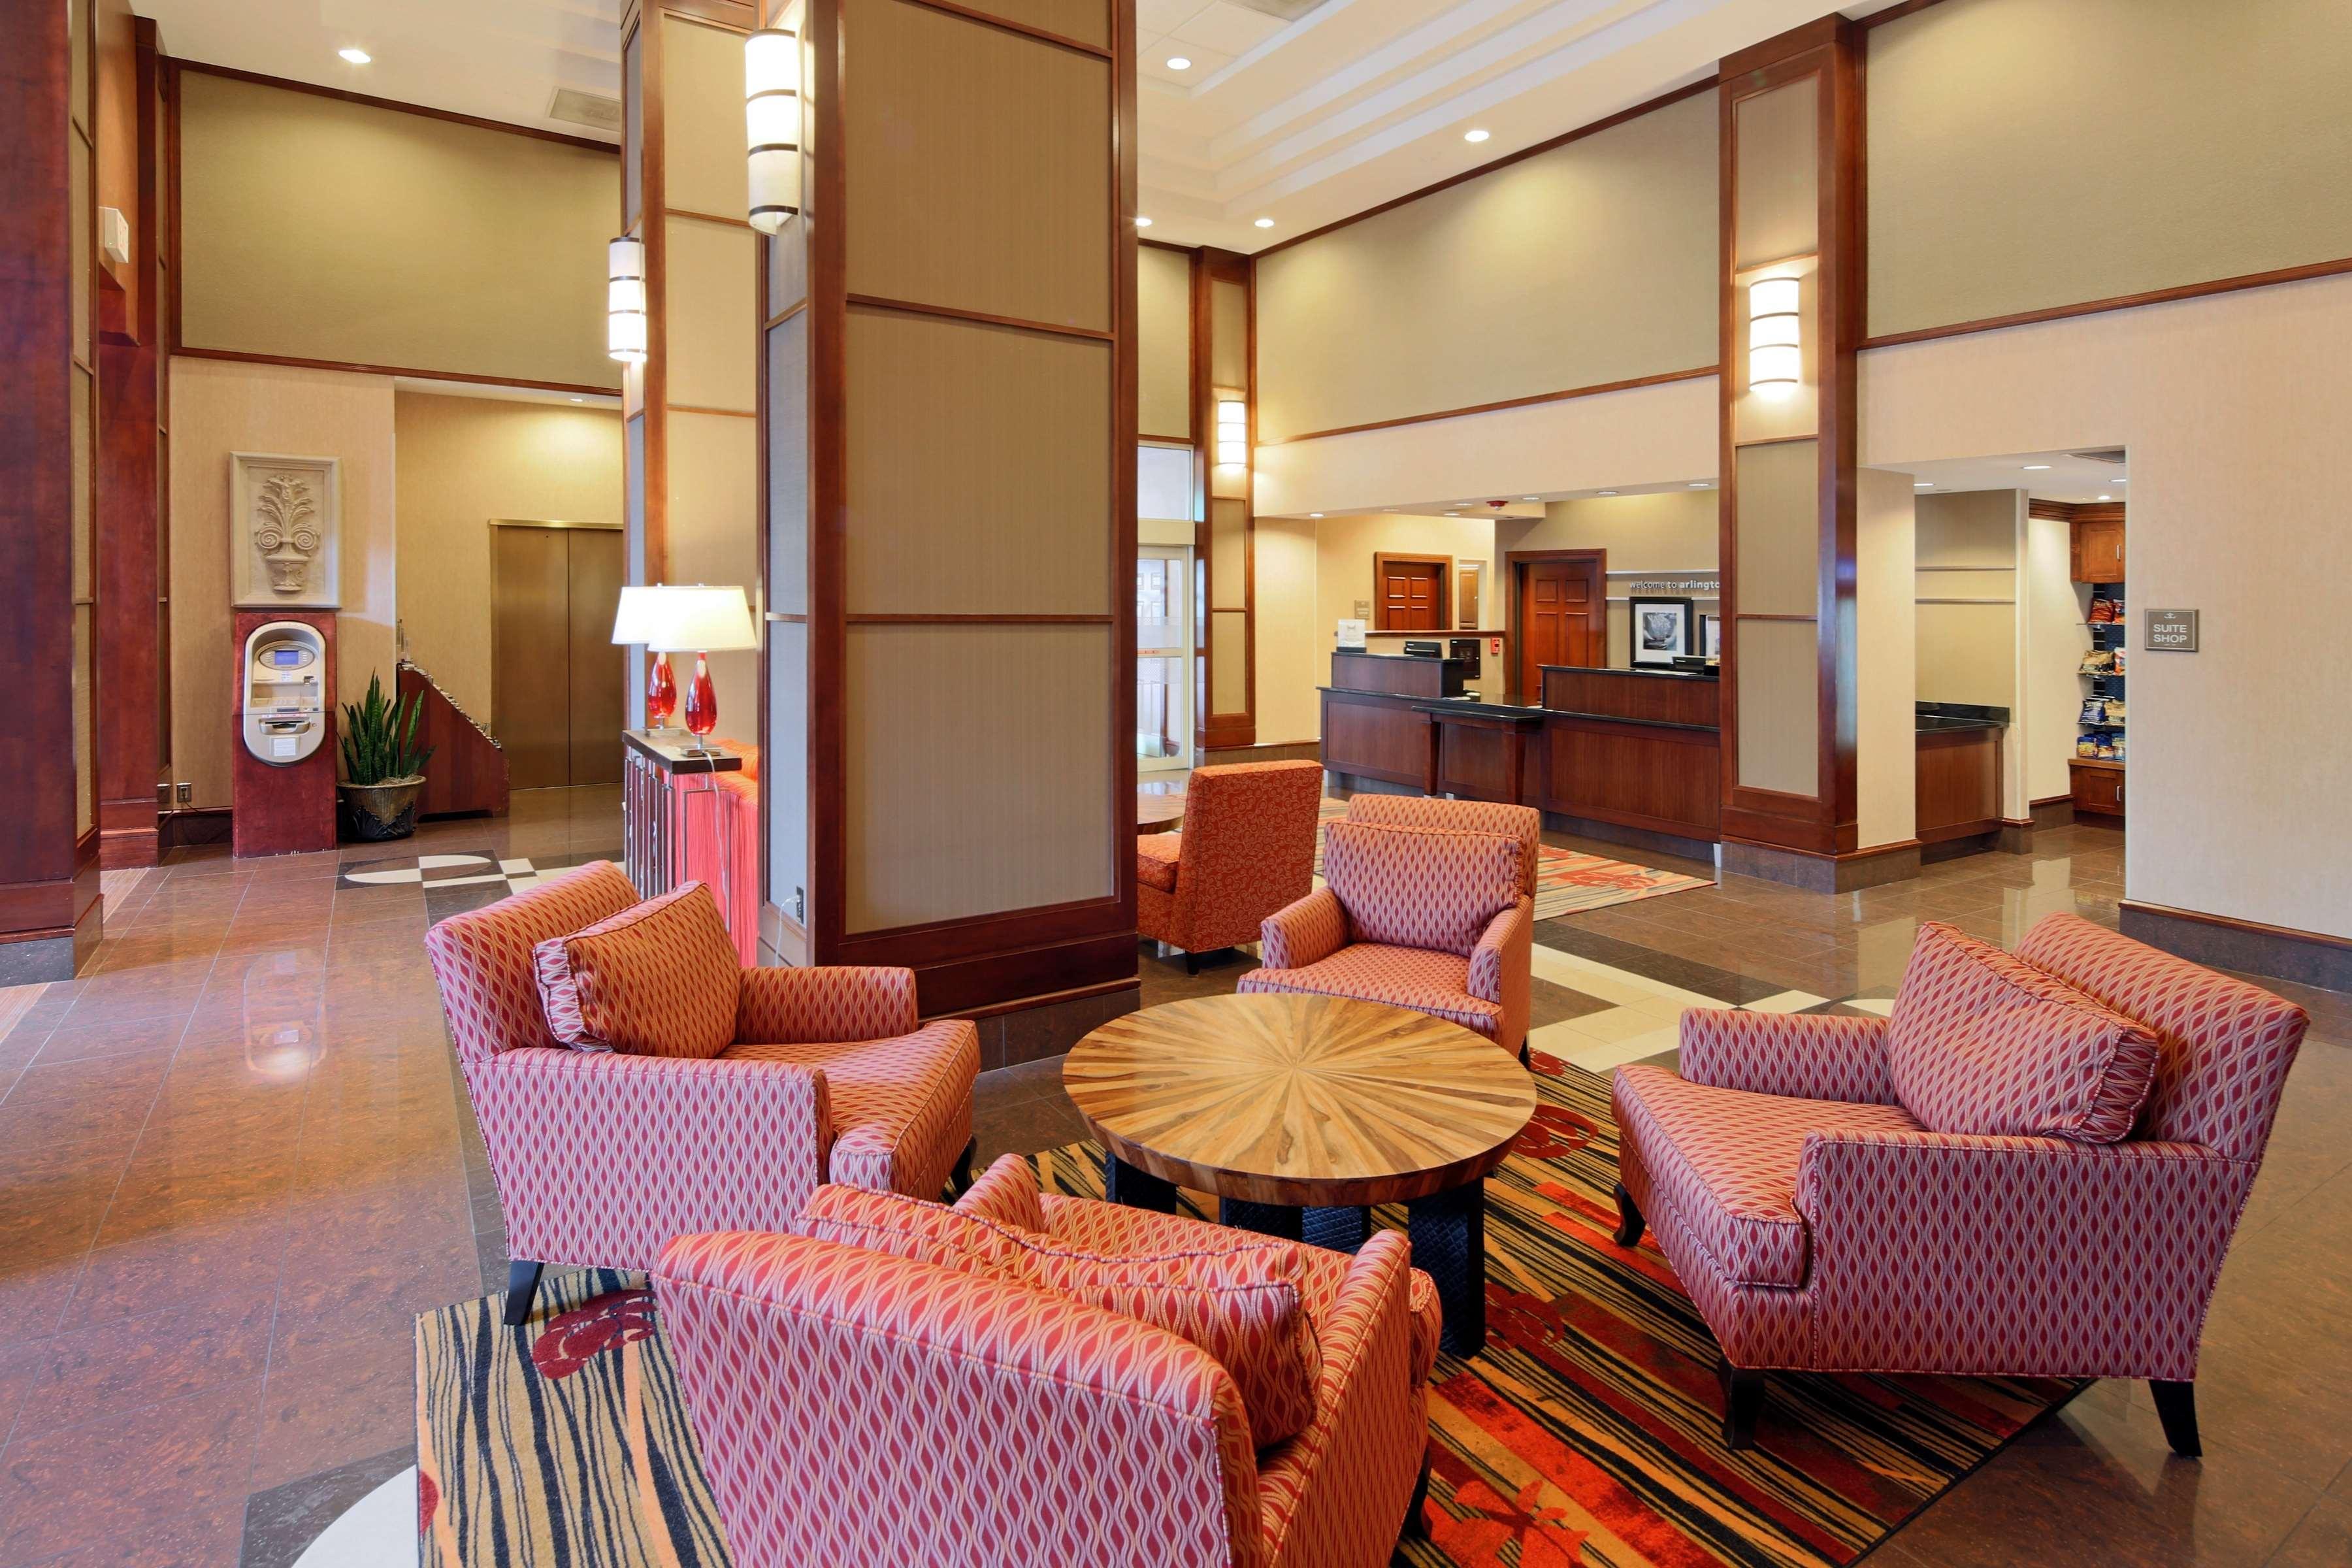 Hampton Inn & Suites Reagan National Airport image 1